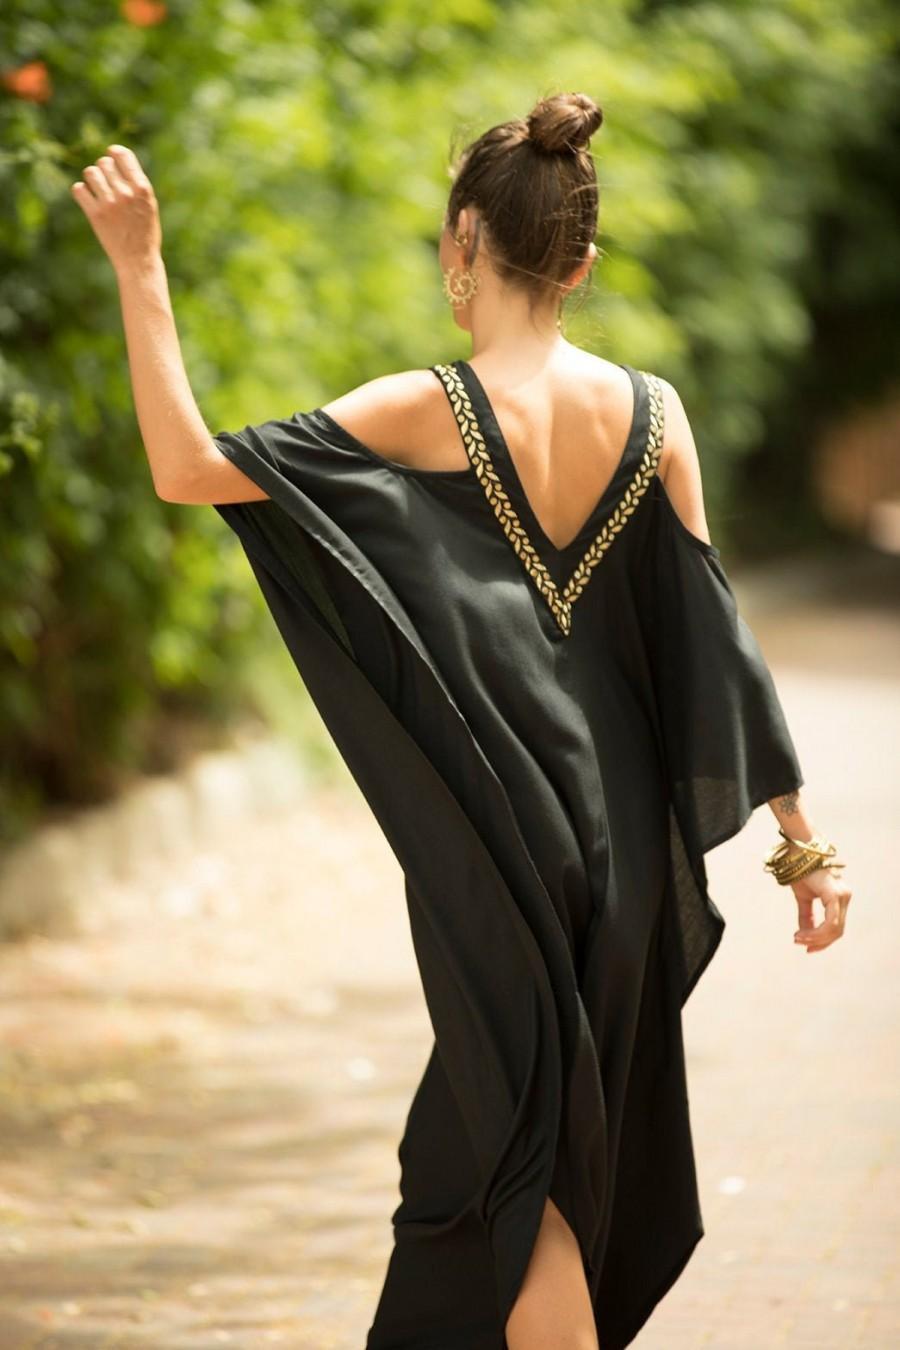 """زفاف - Black and Gold Kaftan Hippie Evening Dress, Oversize Open Back Cold Shoulder Embroidered Long """"Michelle"""" Dress"""